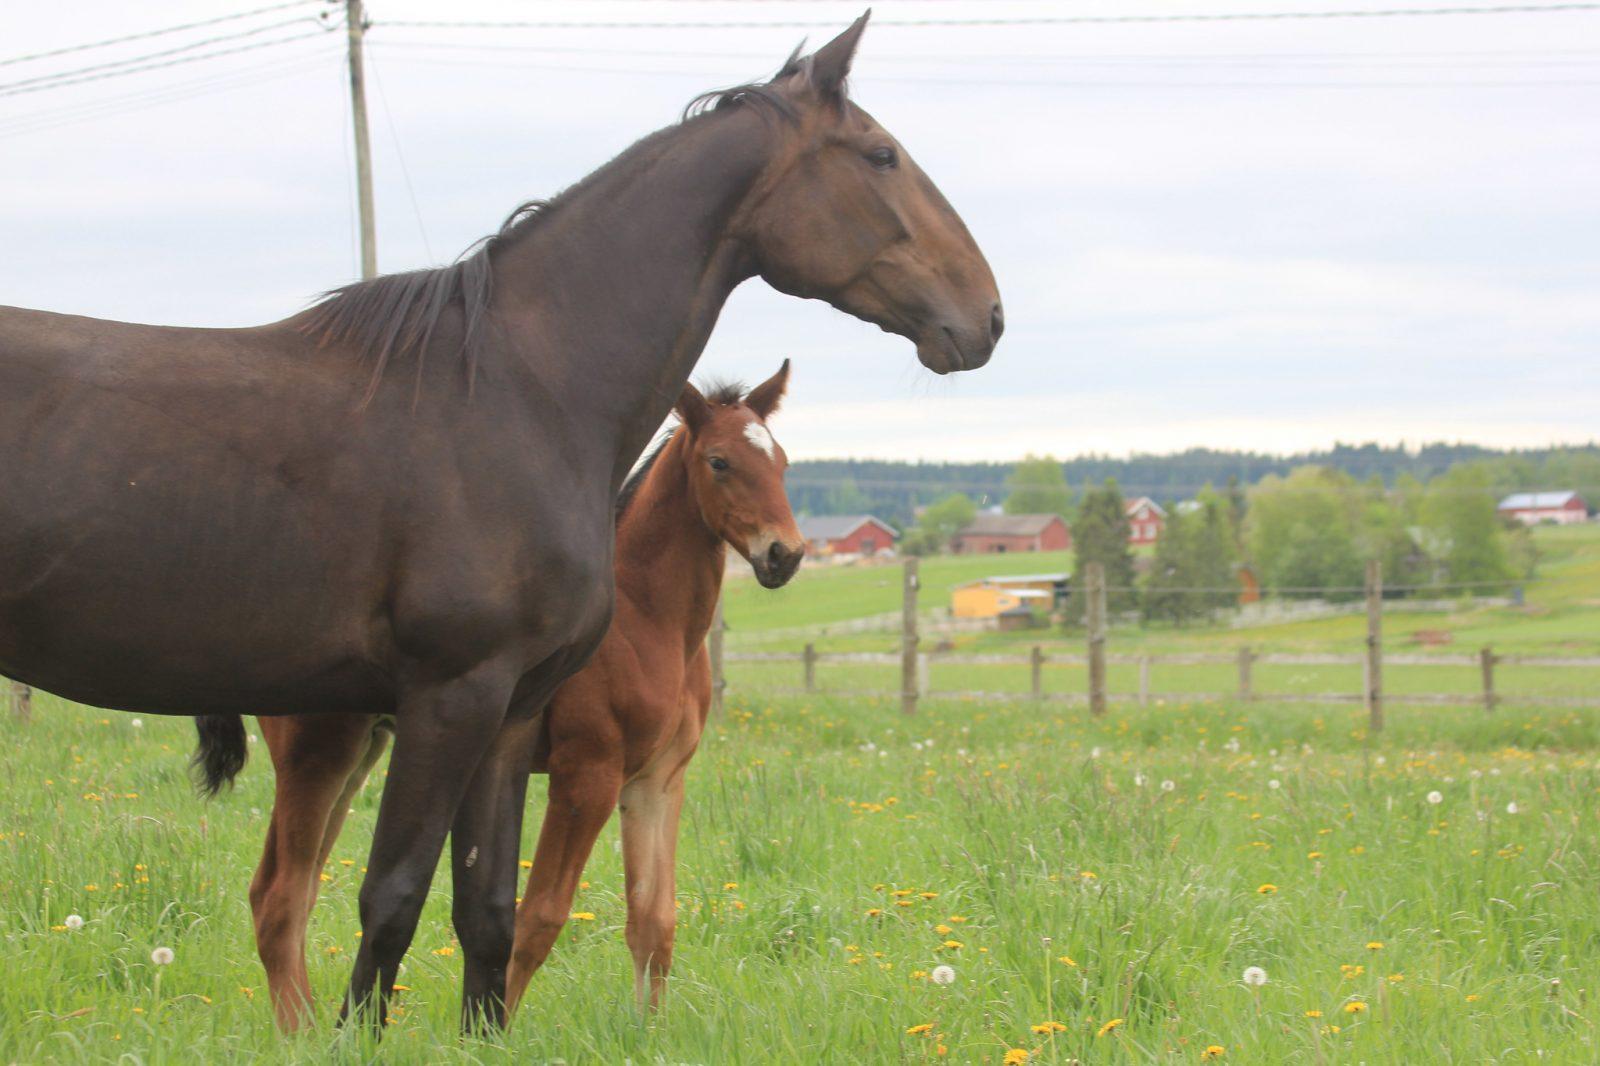 Hevoset laitumella